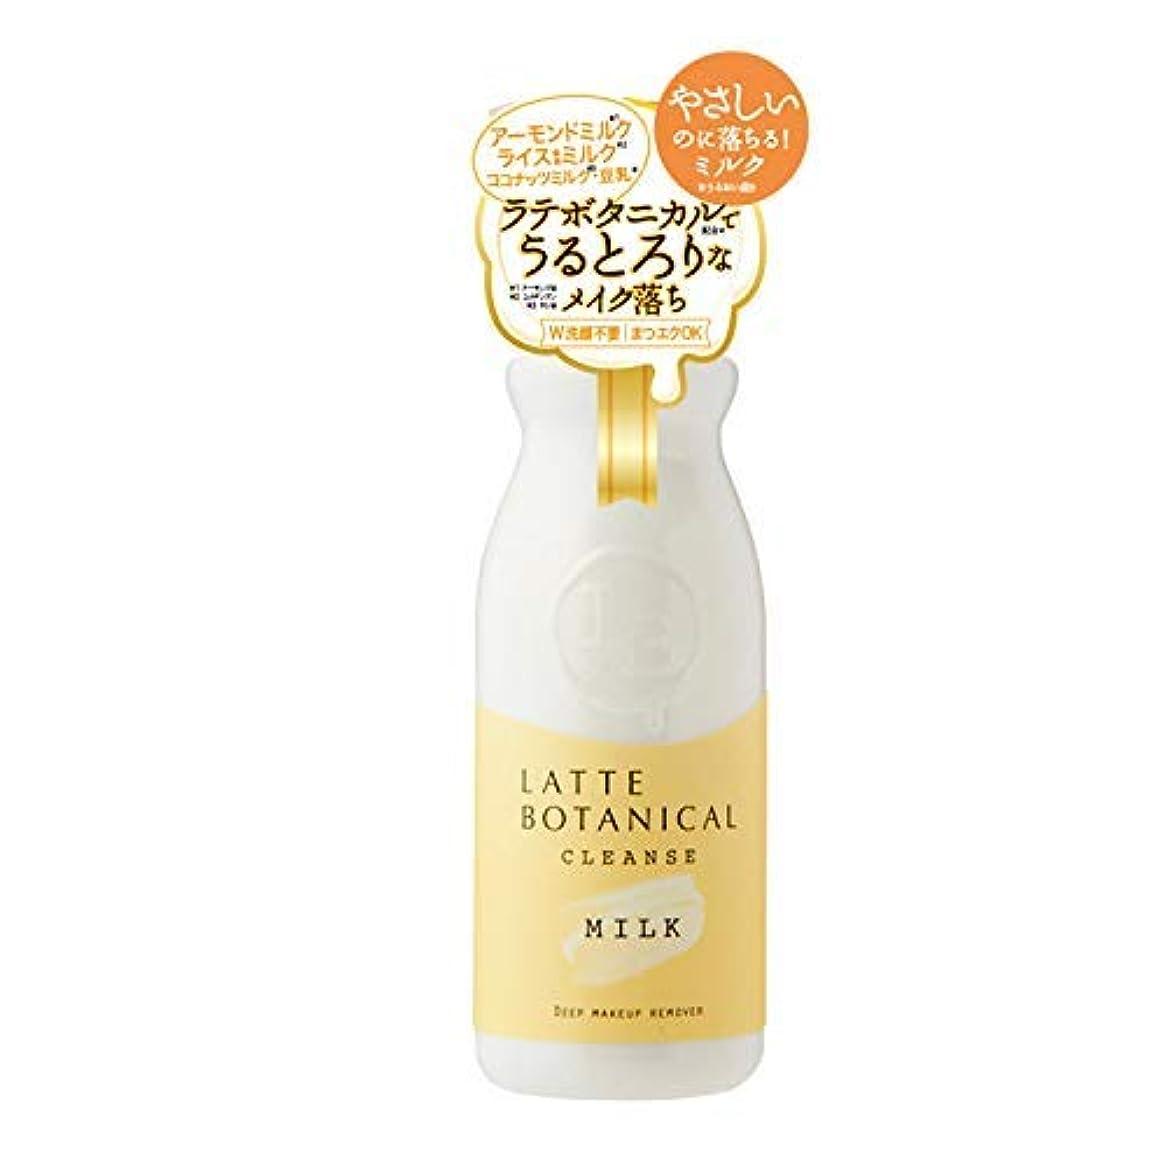 ラテボタニカル クレンズミルク × 15個セット